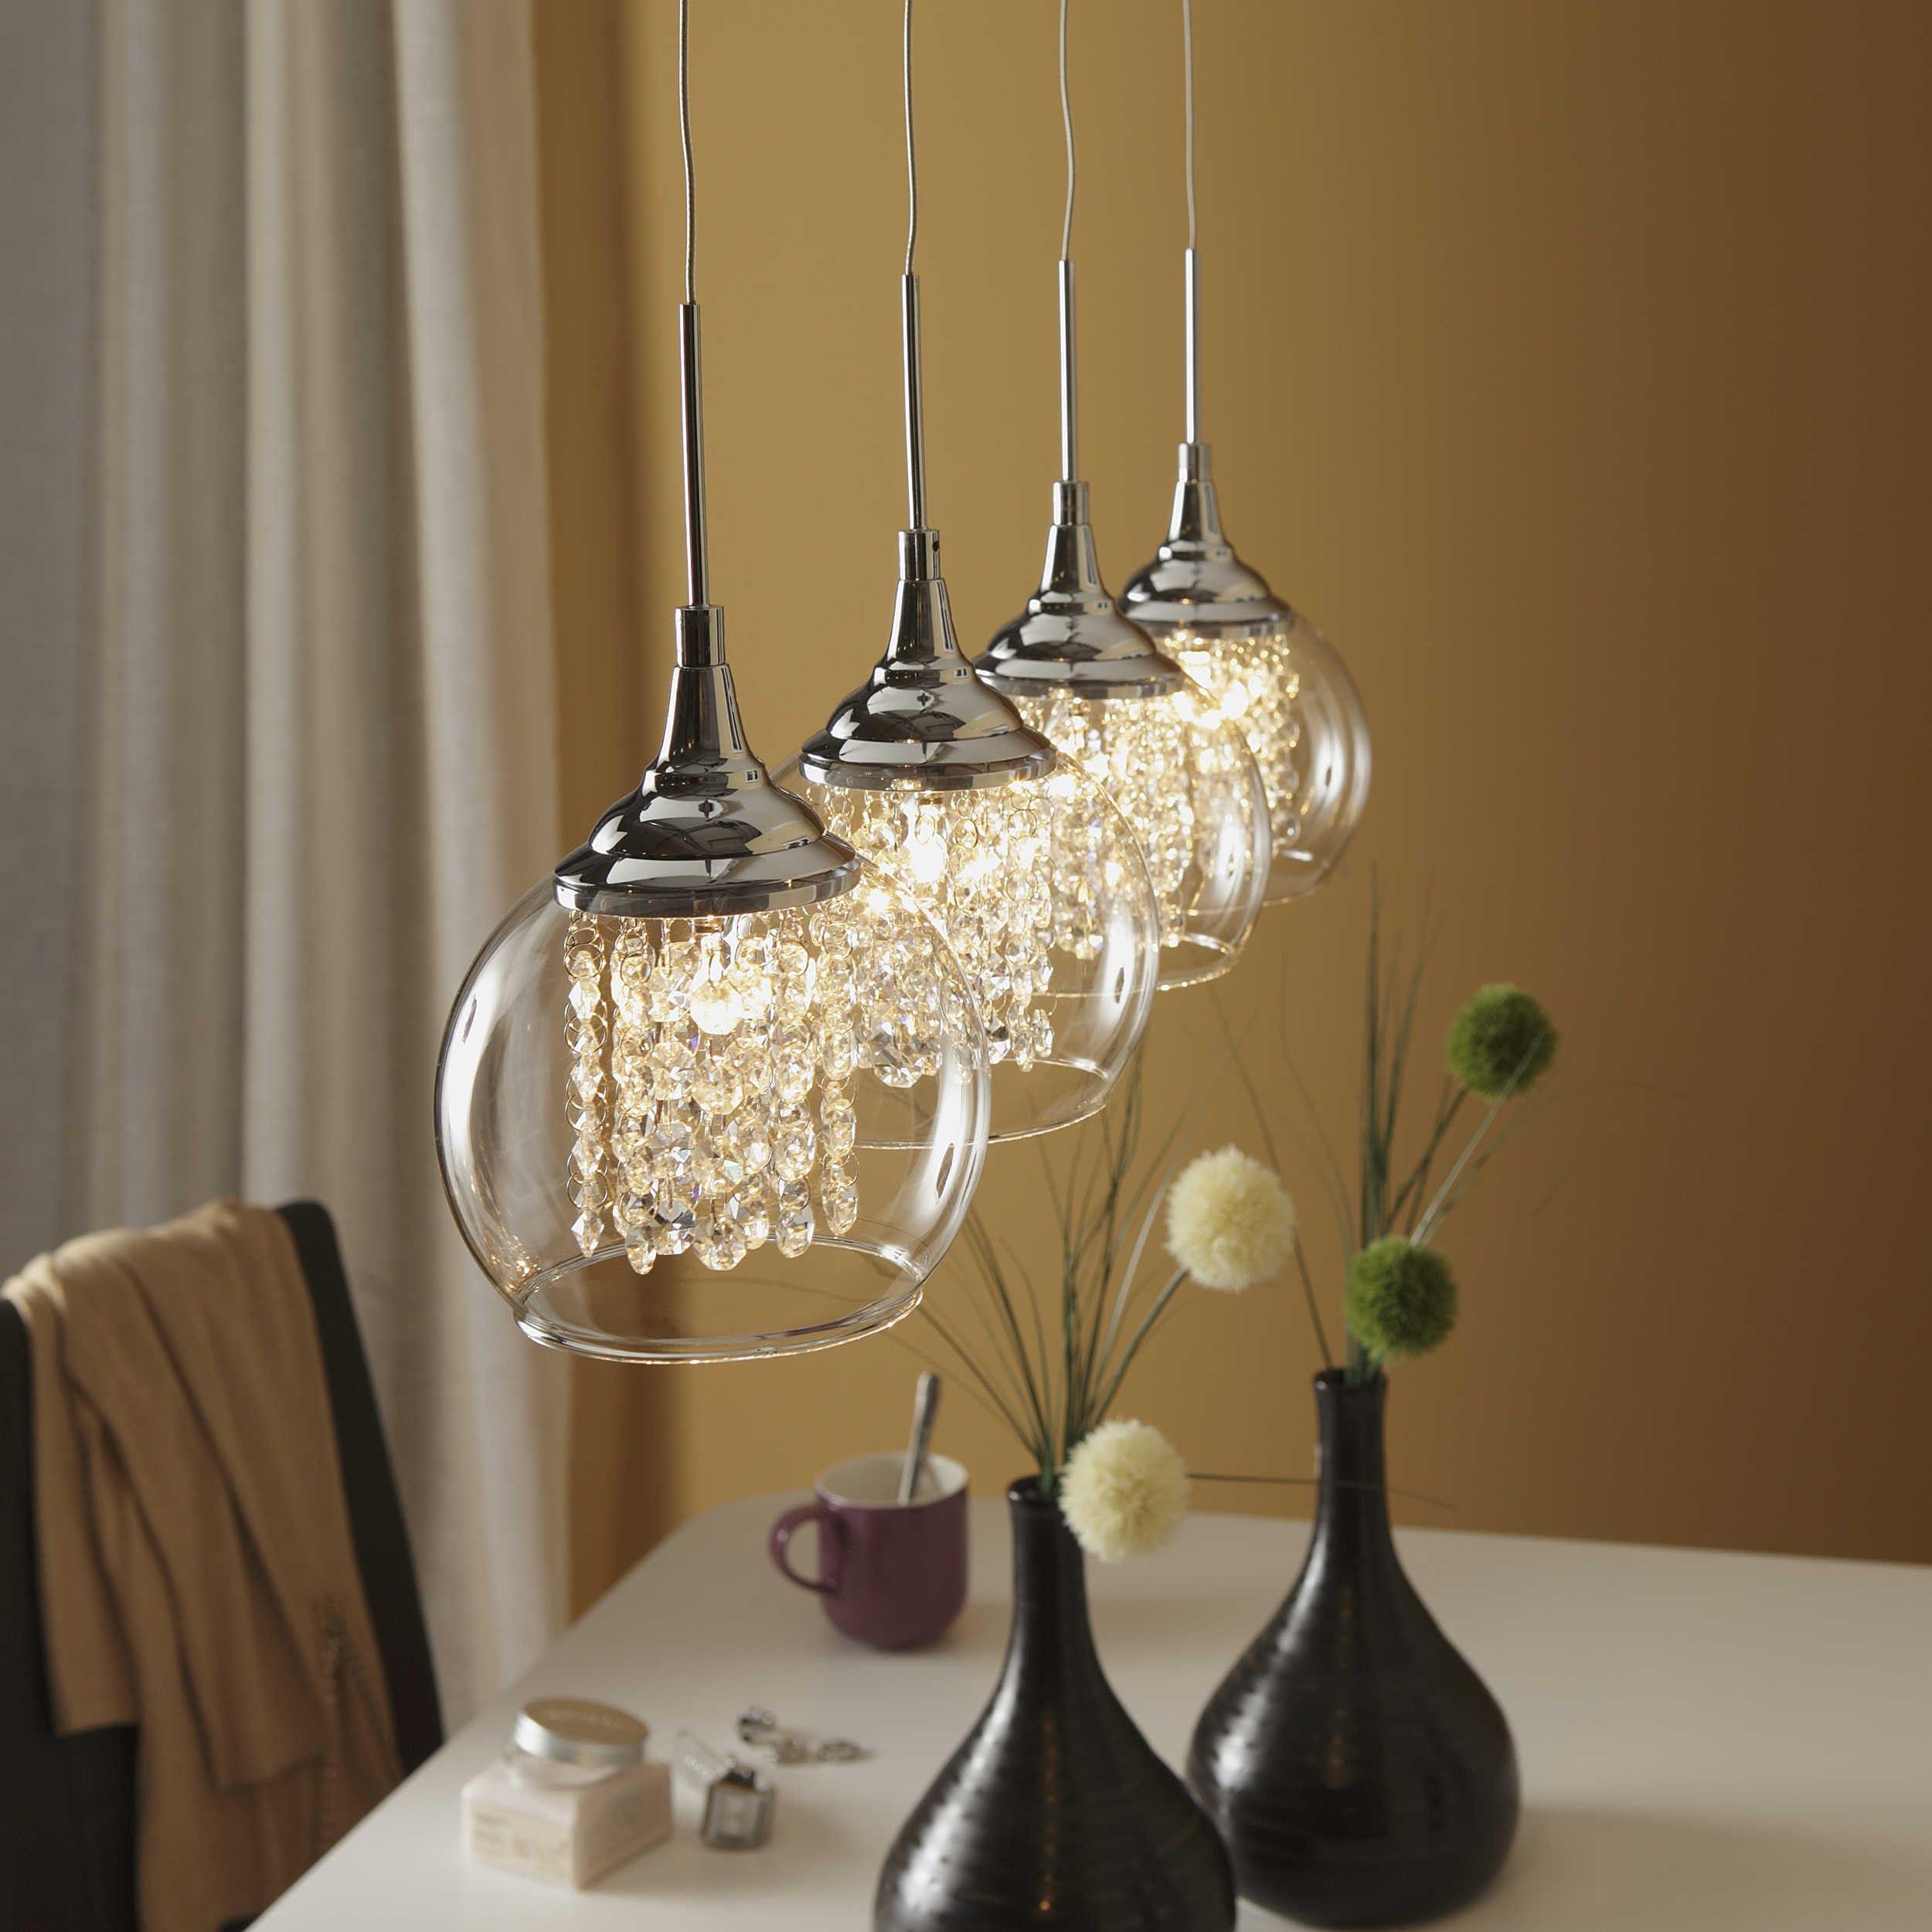 pendelleuchte boogy fantastische lichtblicke themenwelten - Fantastisch Tolles Dekoration Esszimmer Lampen Pendelleuchten